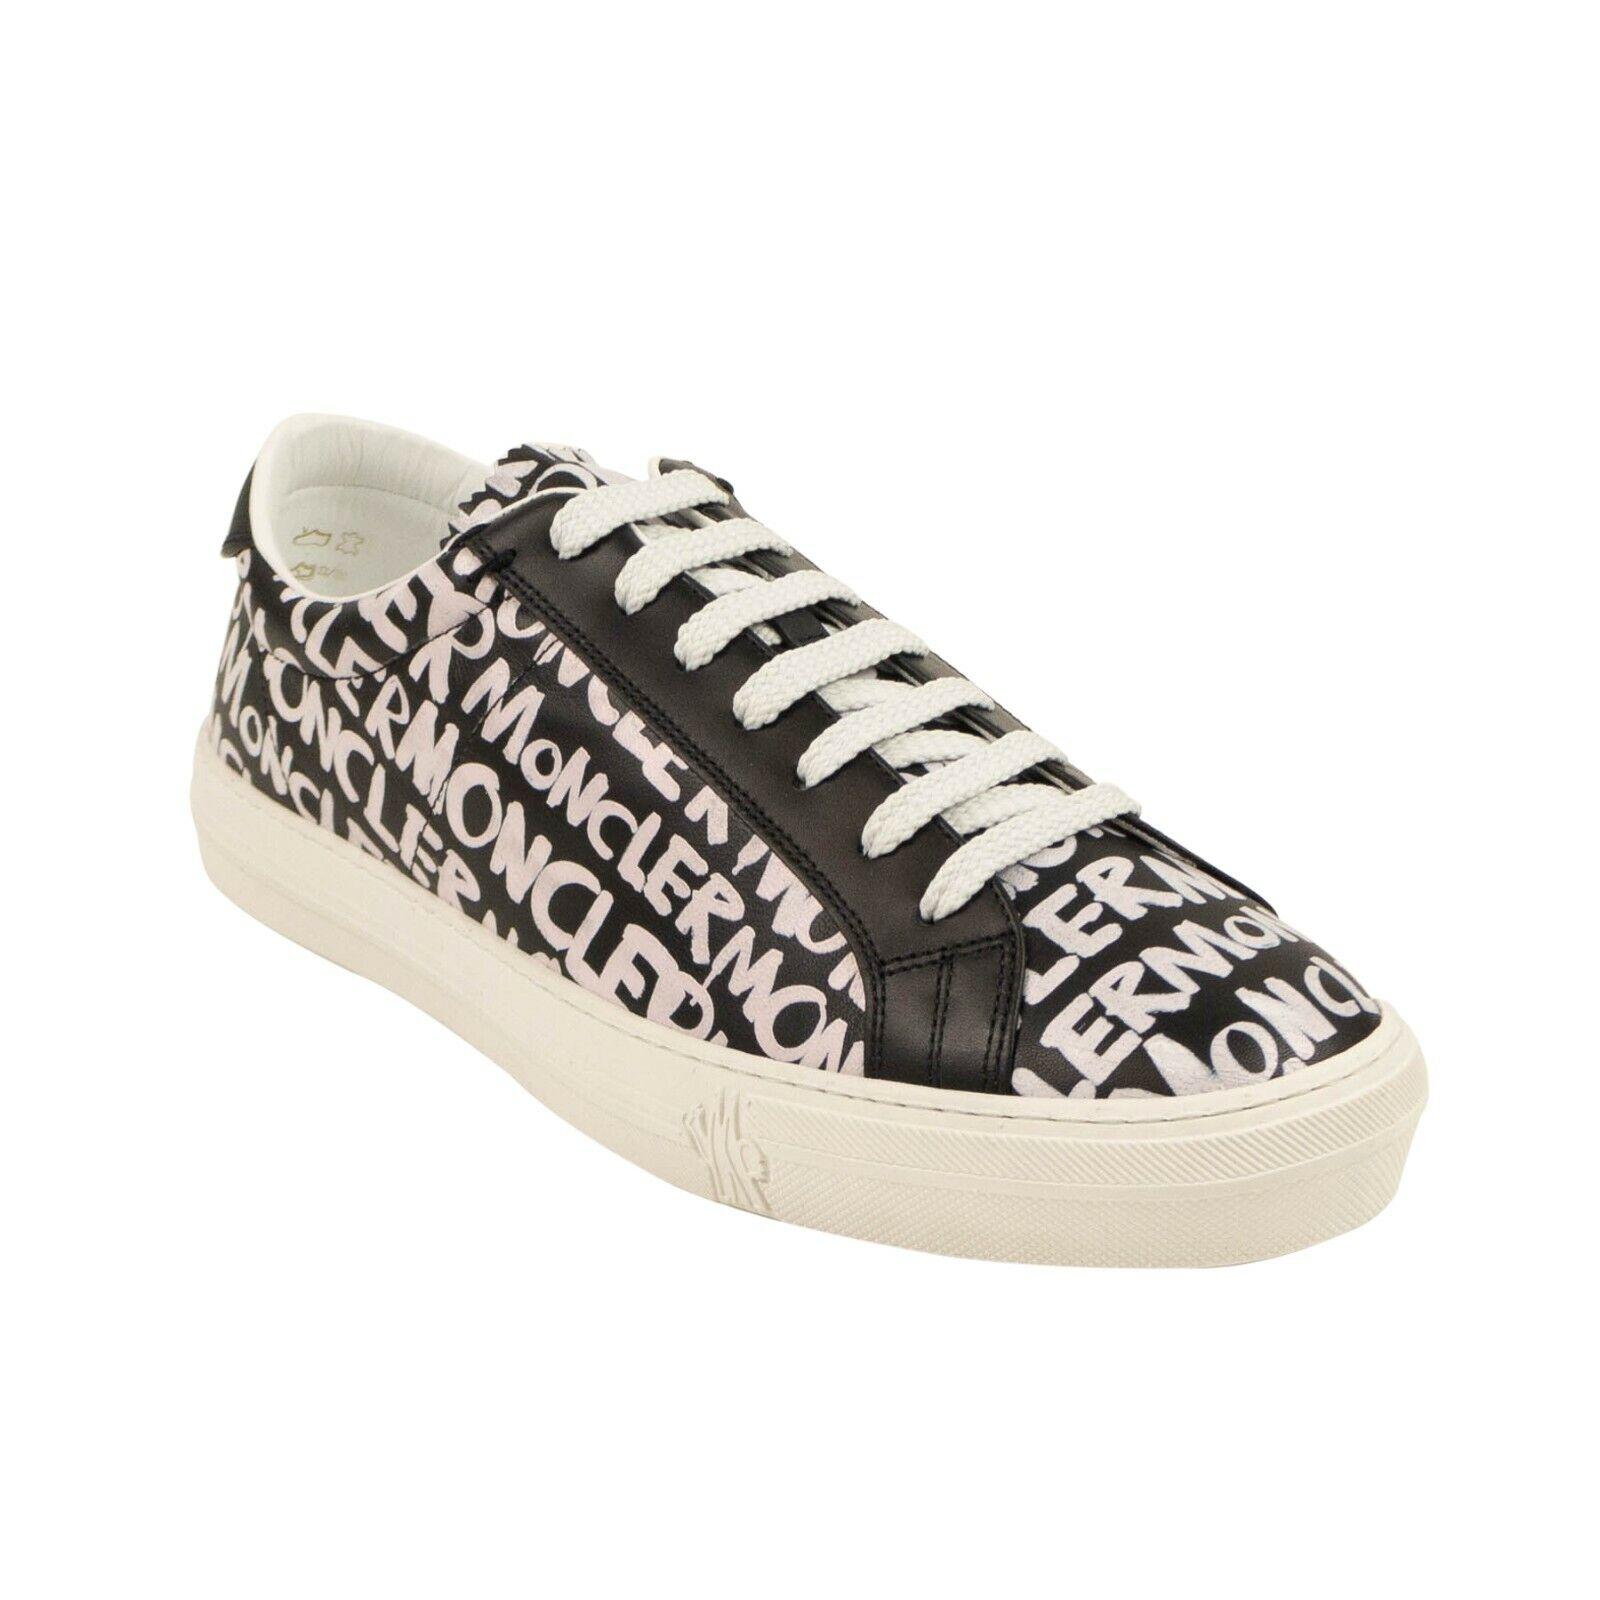 NIB MONCLER Black/White 'New Monaco' Logo Sneakers Shoes Size 7/40